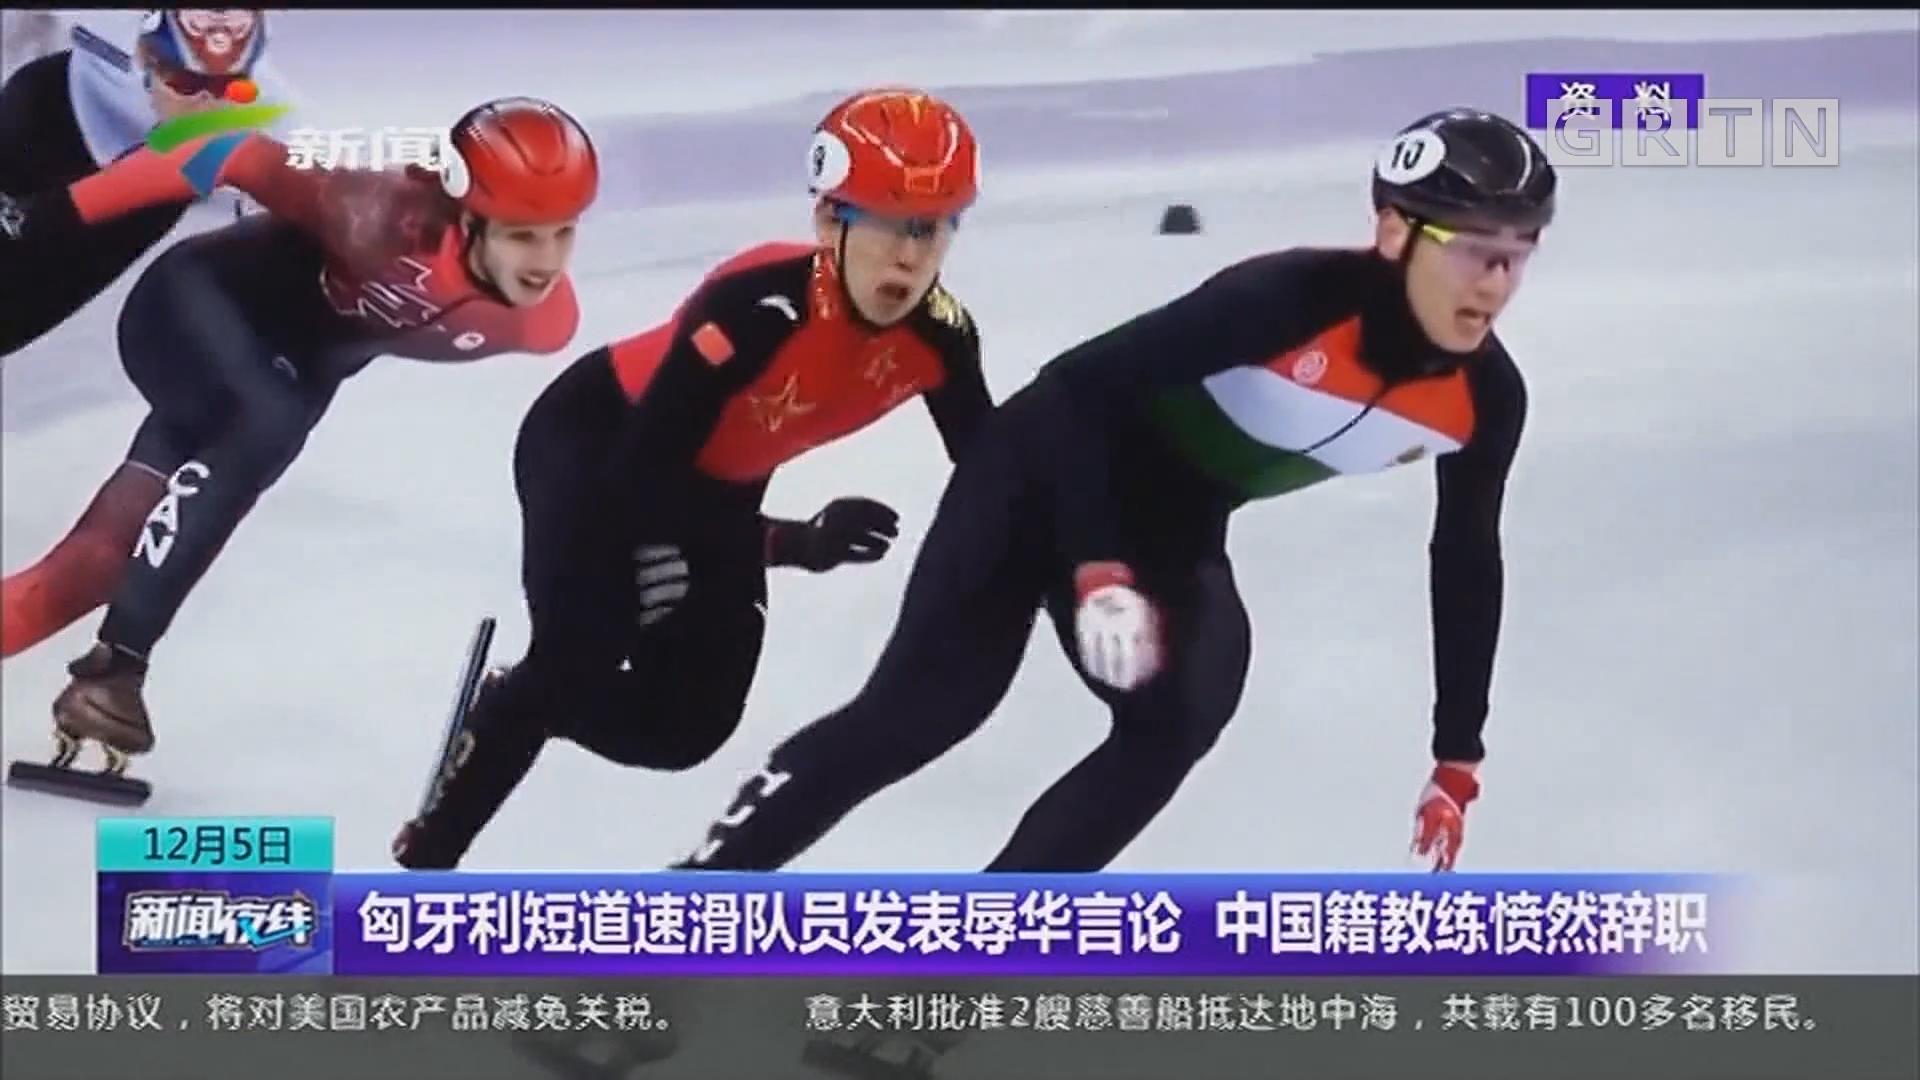 匈牙利短道速滑队员发表辱华言论 中国籍教练愤然辞职